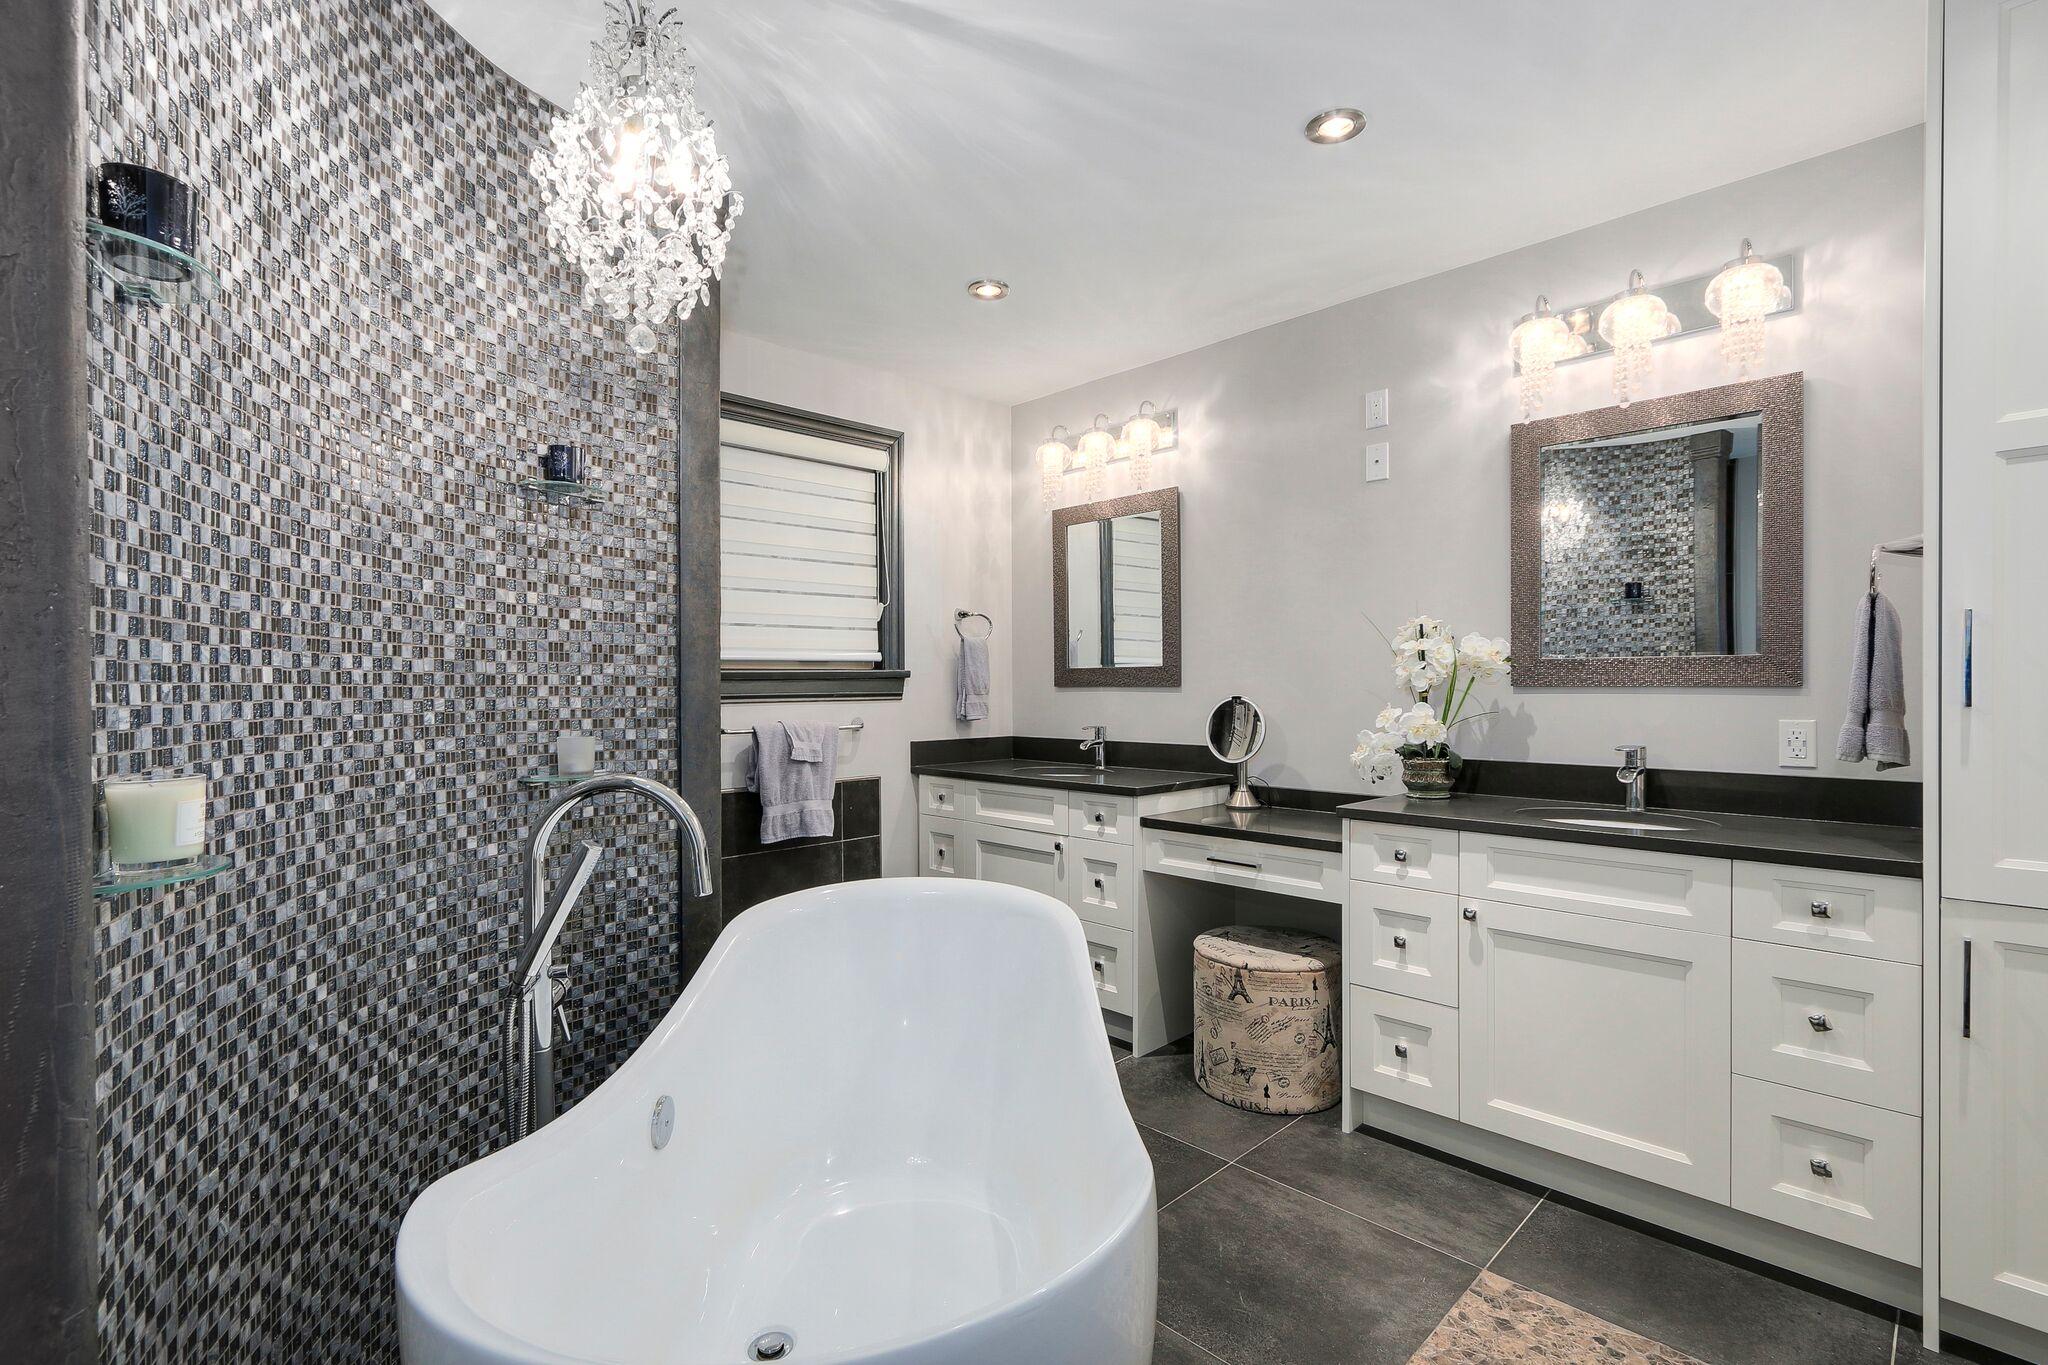 Luxury Master Ensuite Bathroom Renovation in Coquitlam